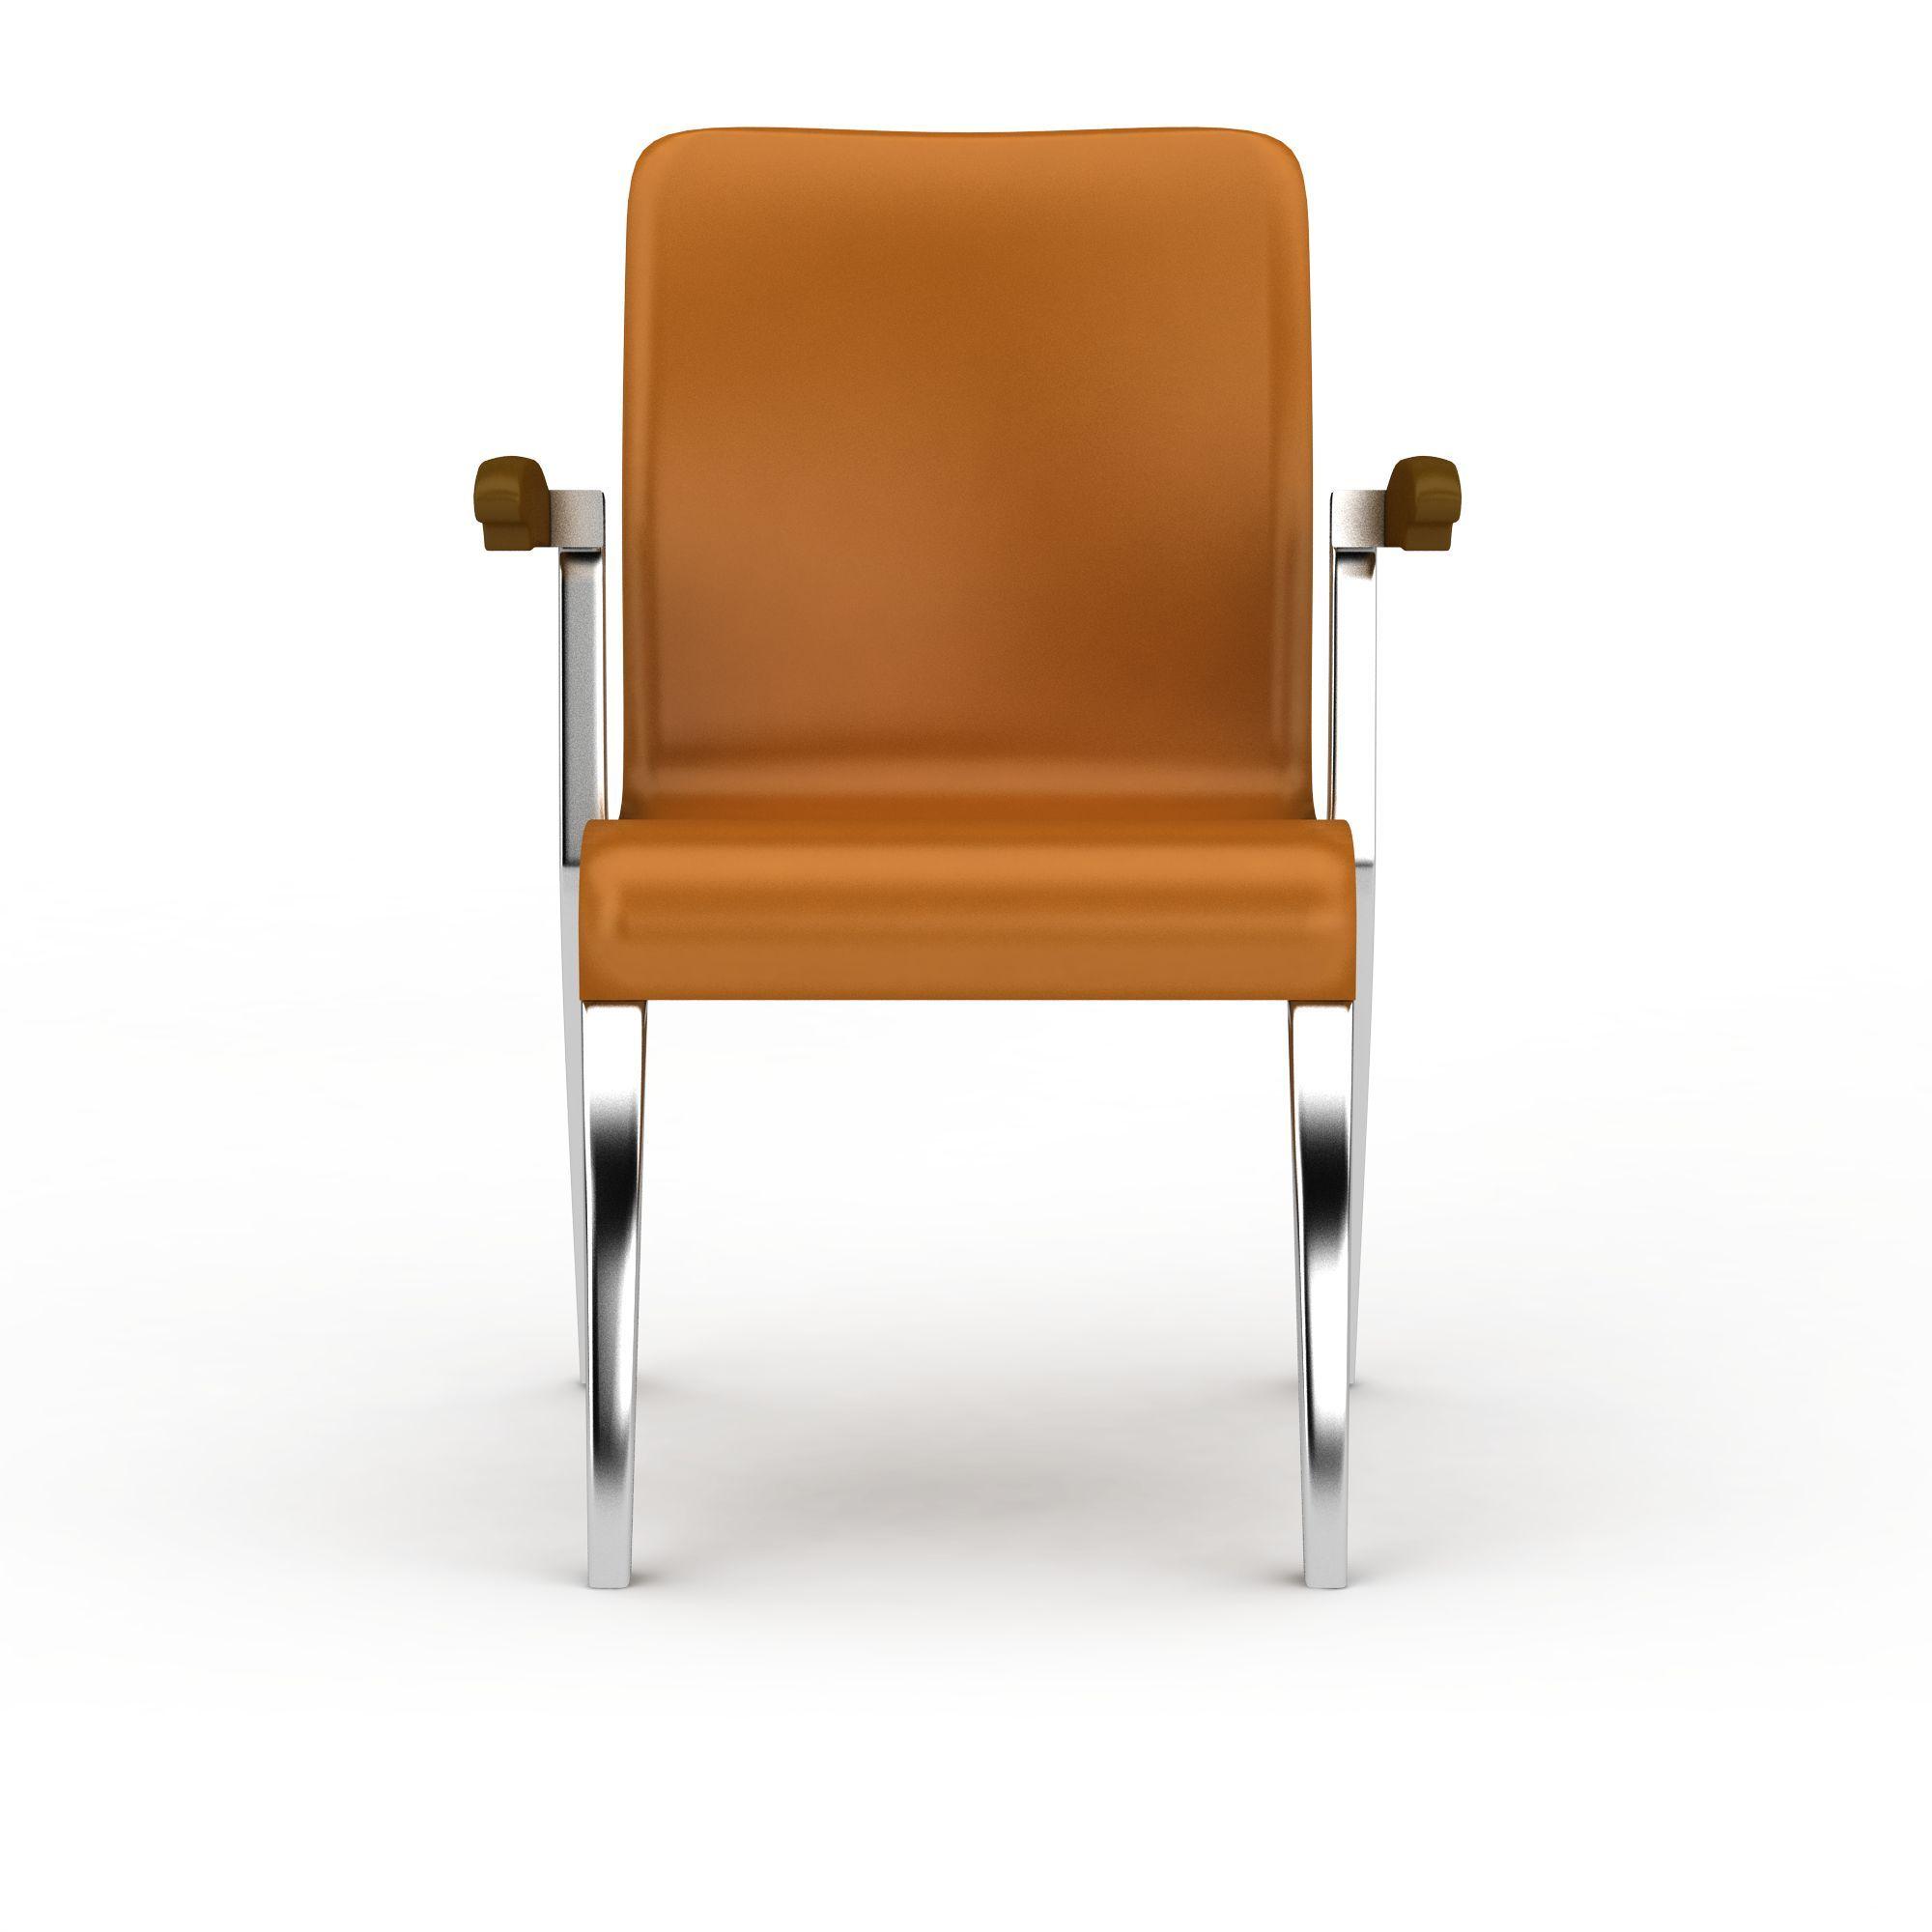 休闲办公椅子高清图下载